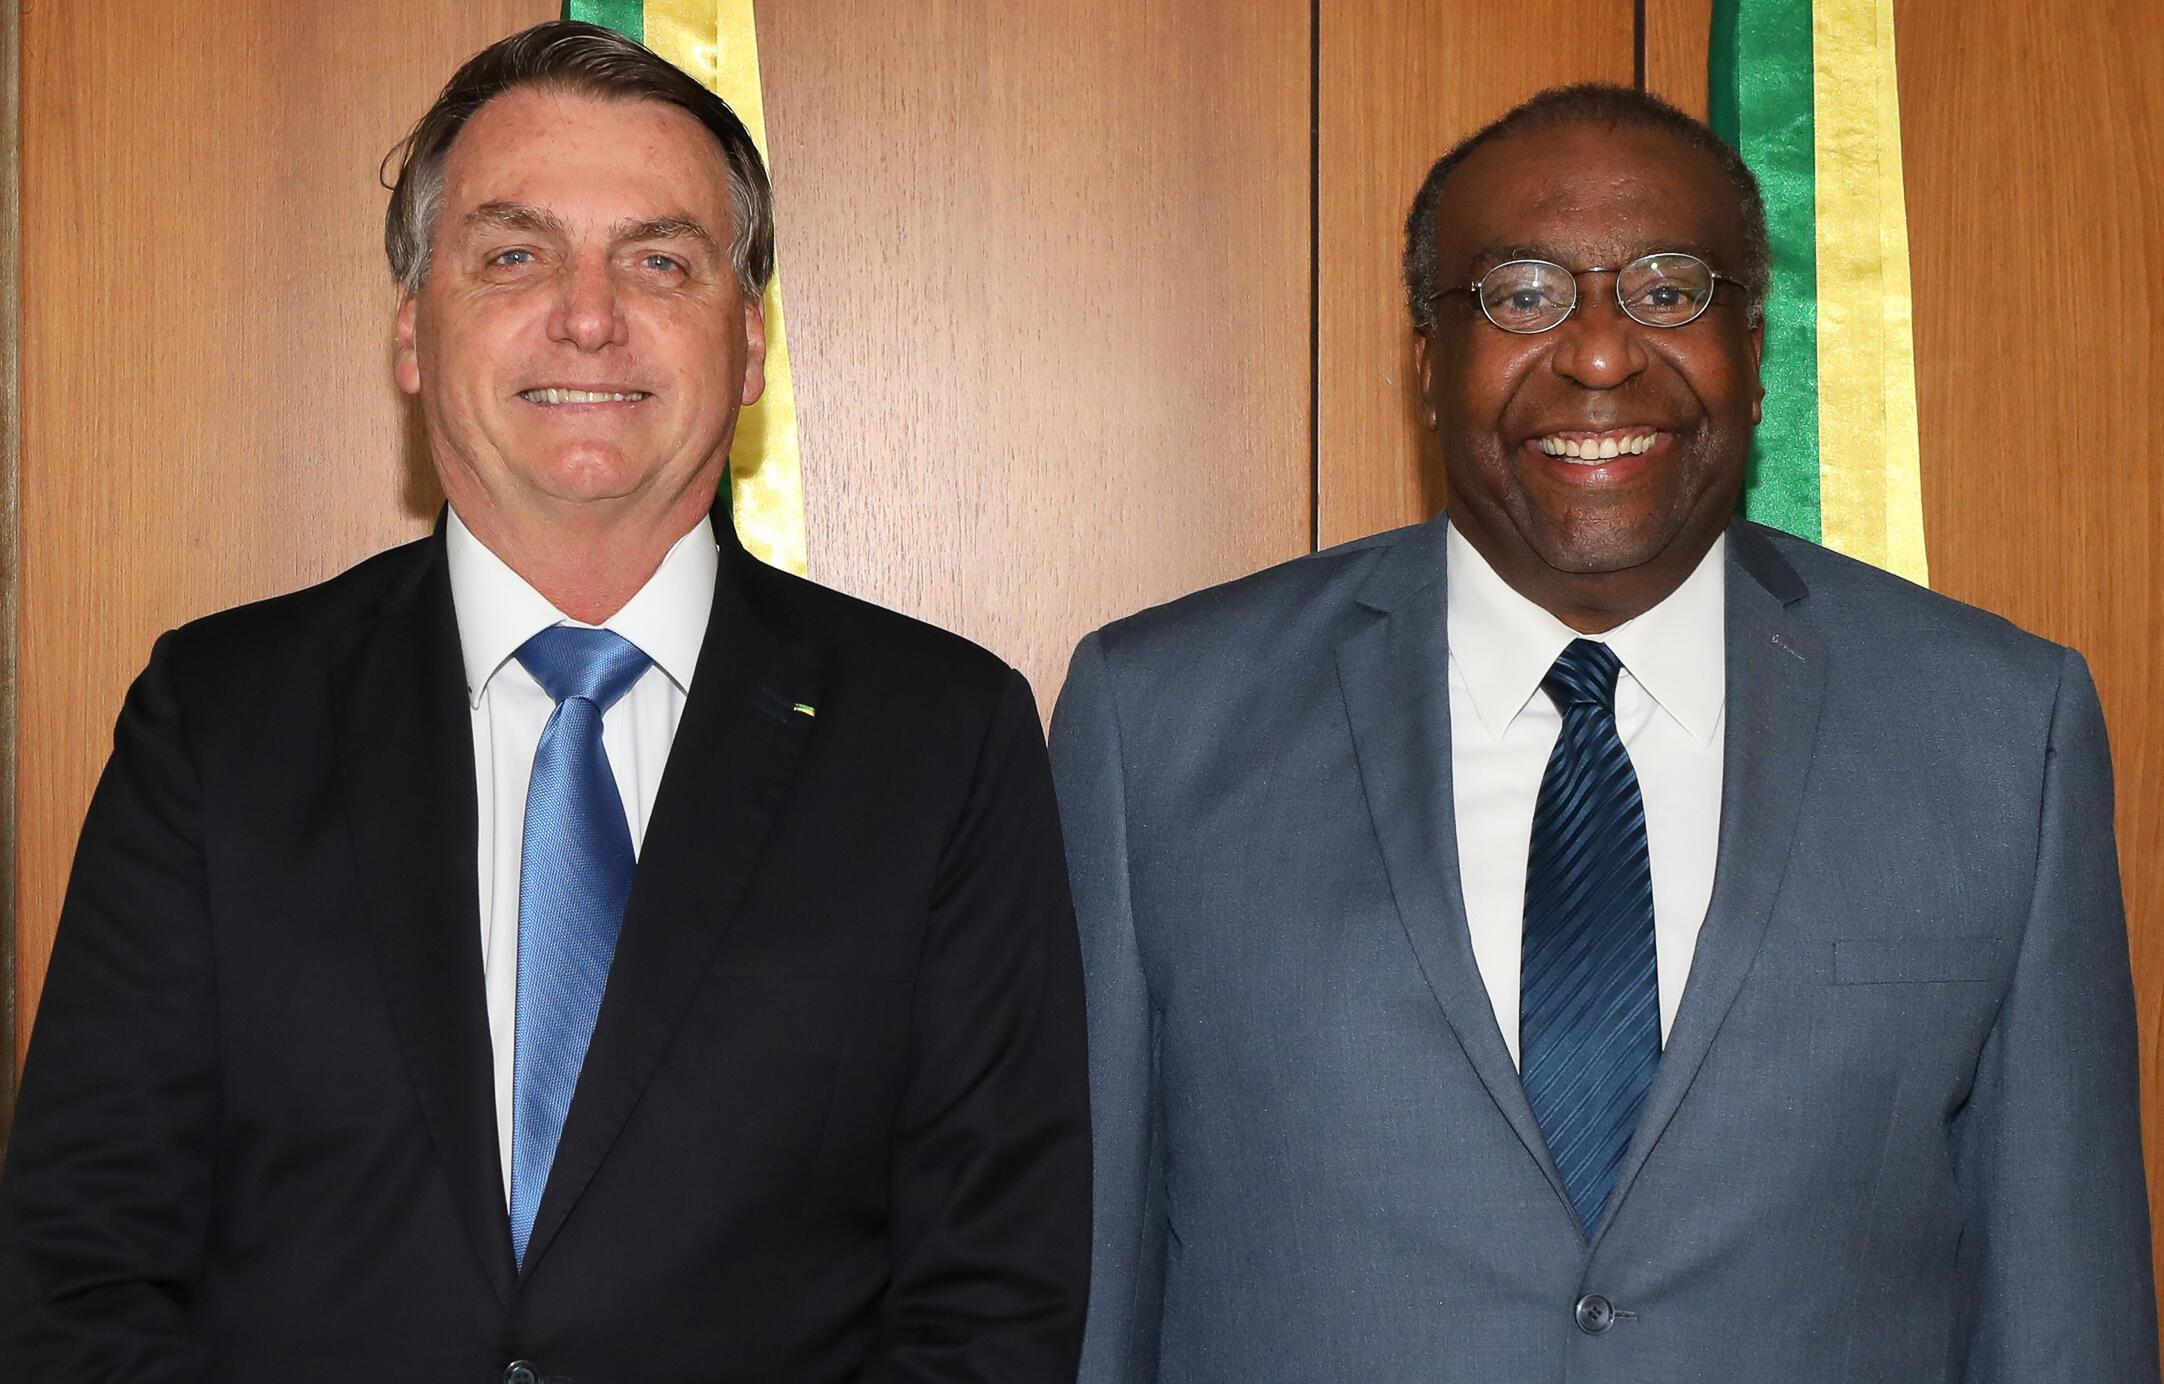 O presidente brasileiro, Jair Bolsonaro, ao lado de Carlos Alberto Decotelli, que renunciou ao cargo de Ministro da Educação, após informações falsas serem descobertas em seu currículo.